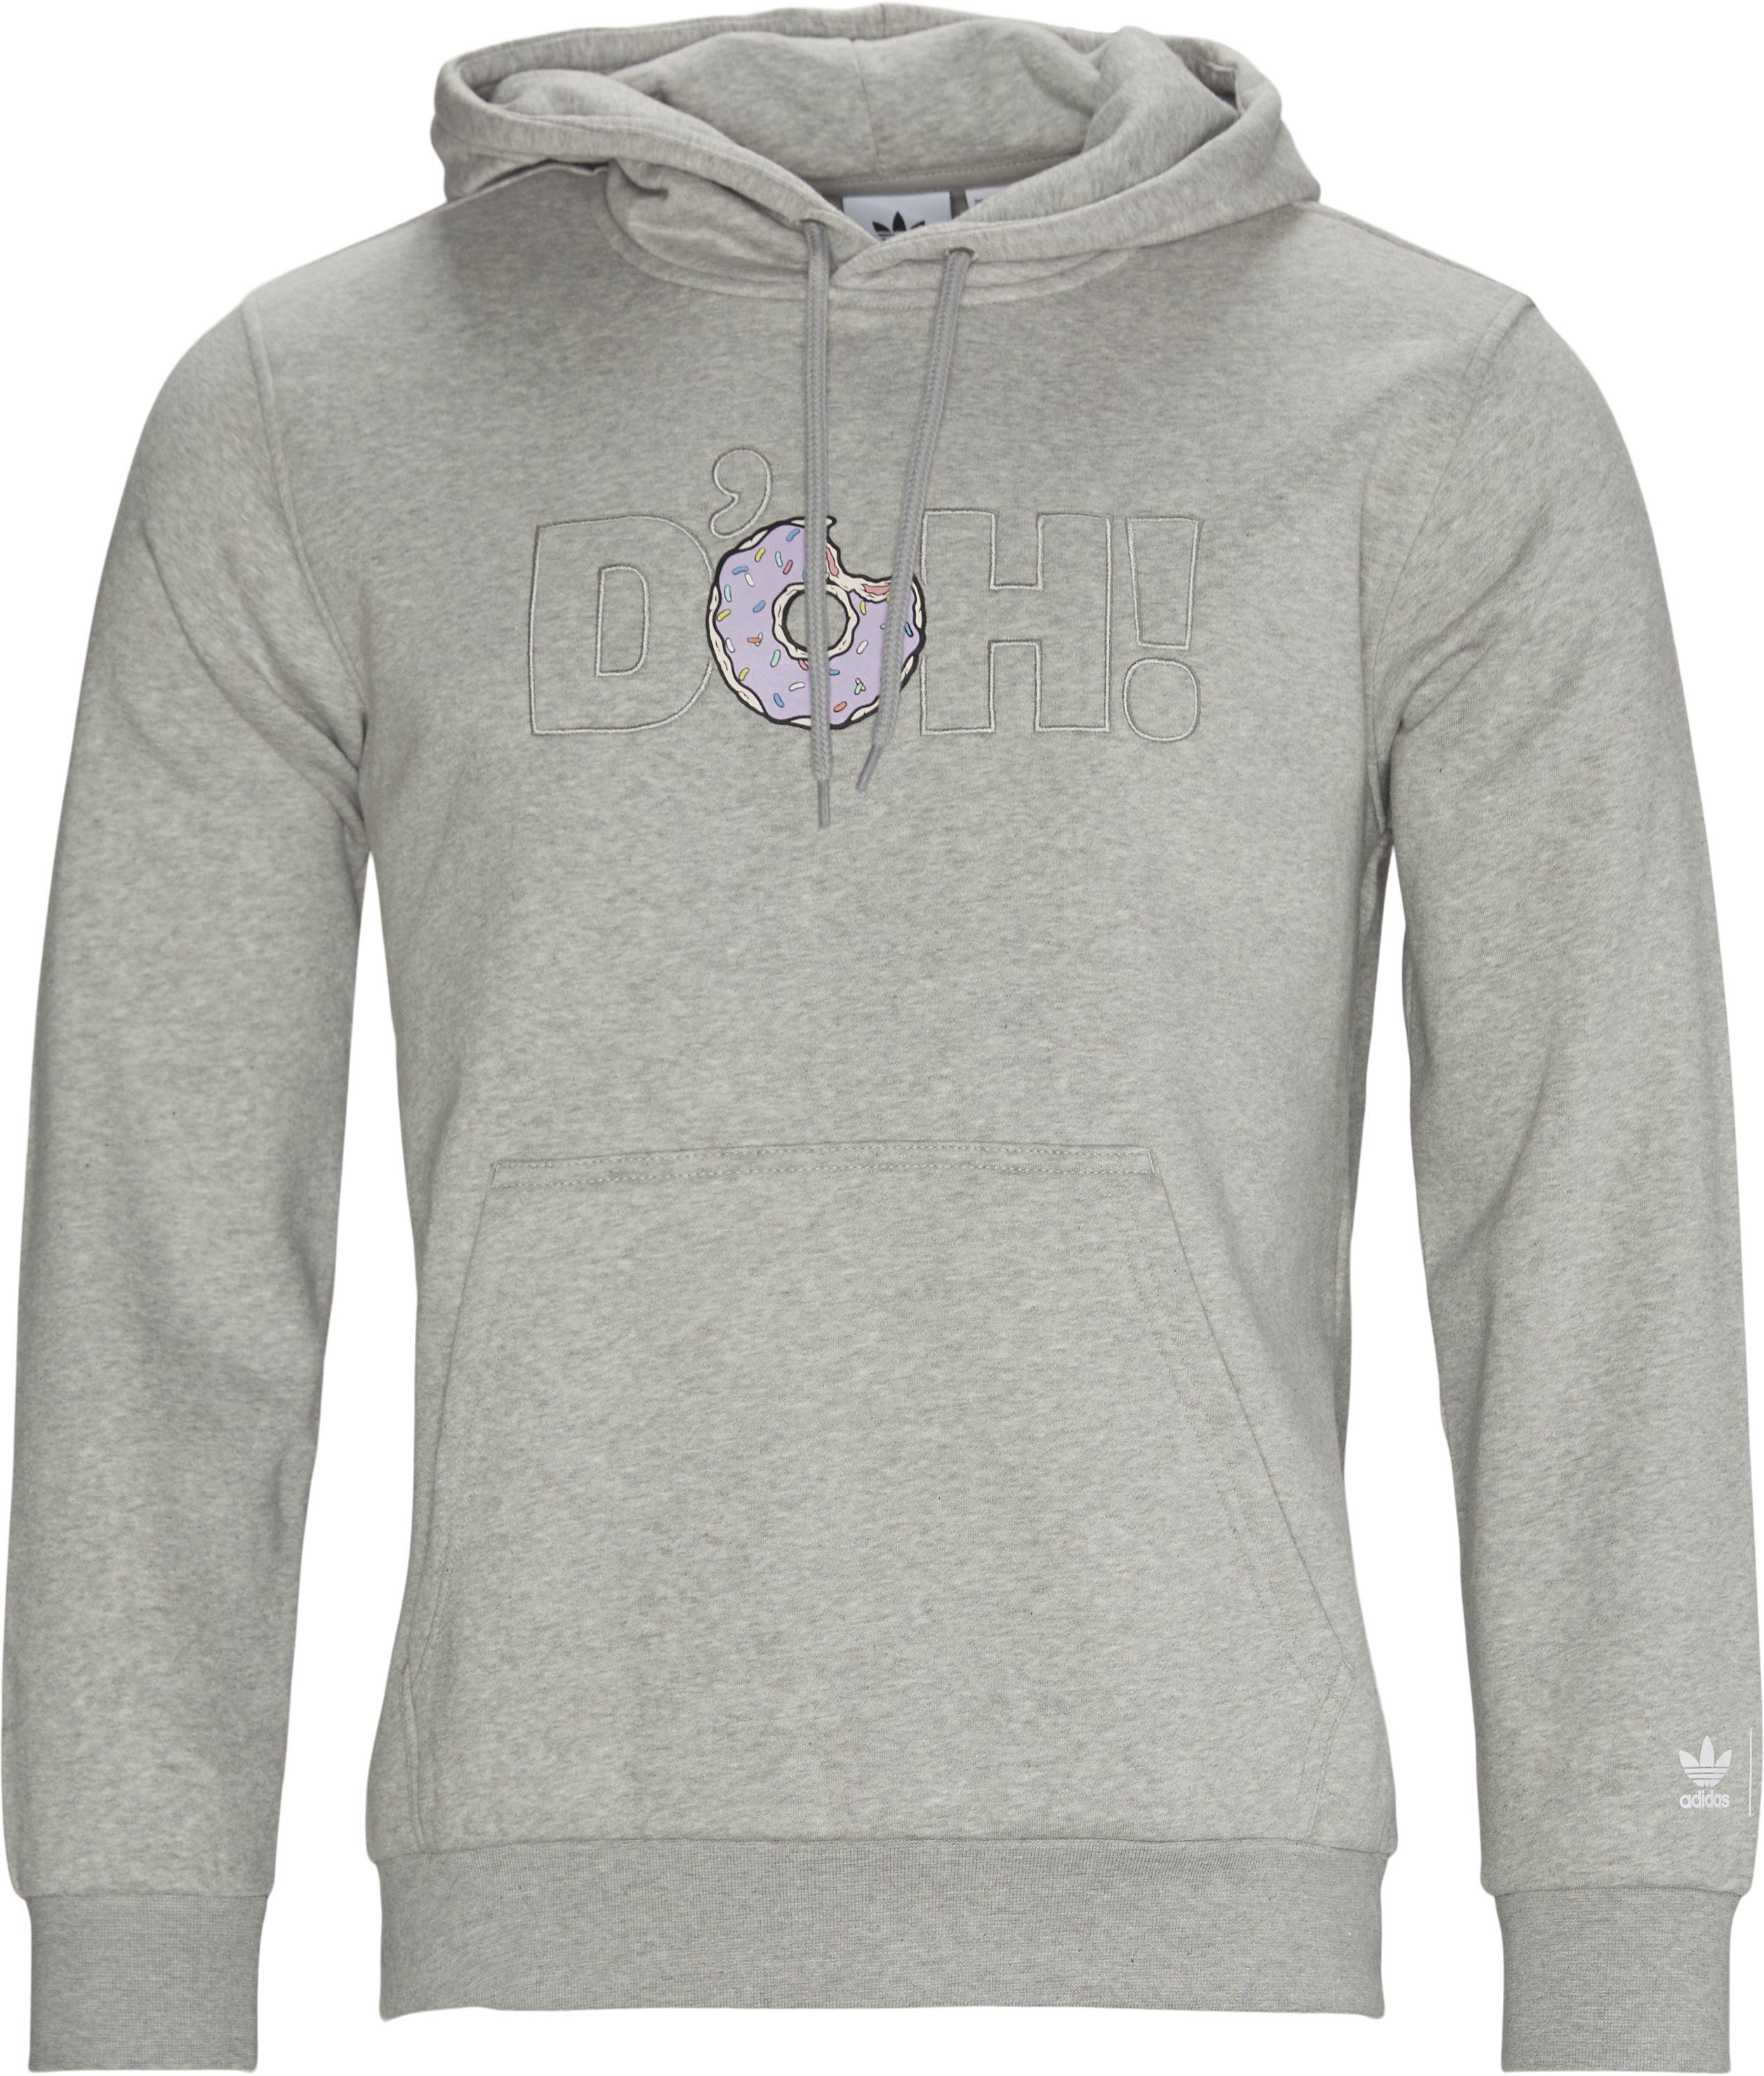 Smps Doh Hoodie  - Sweatshirts - Regular - Grå